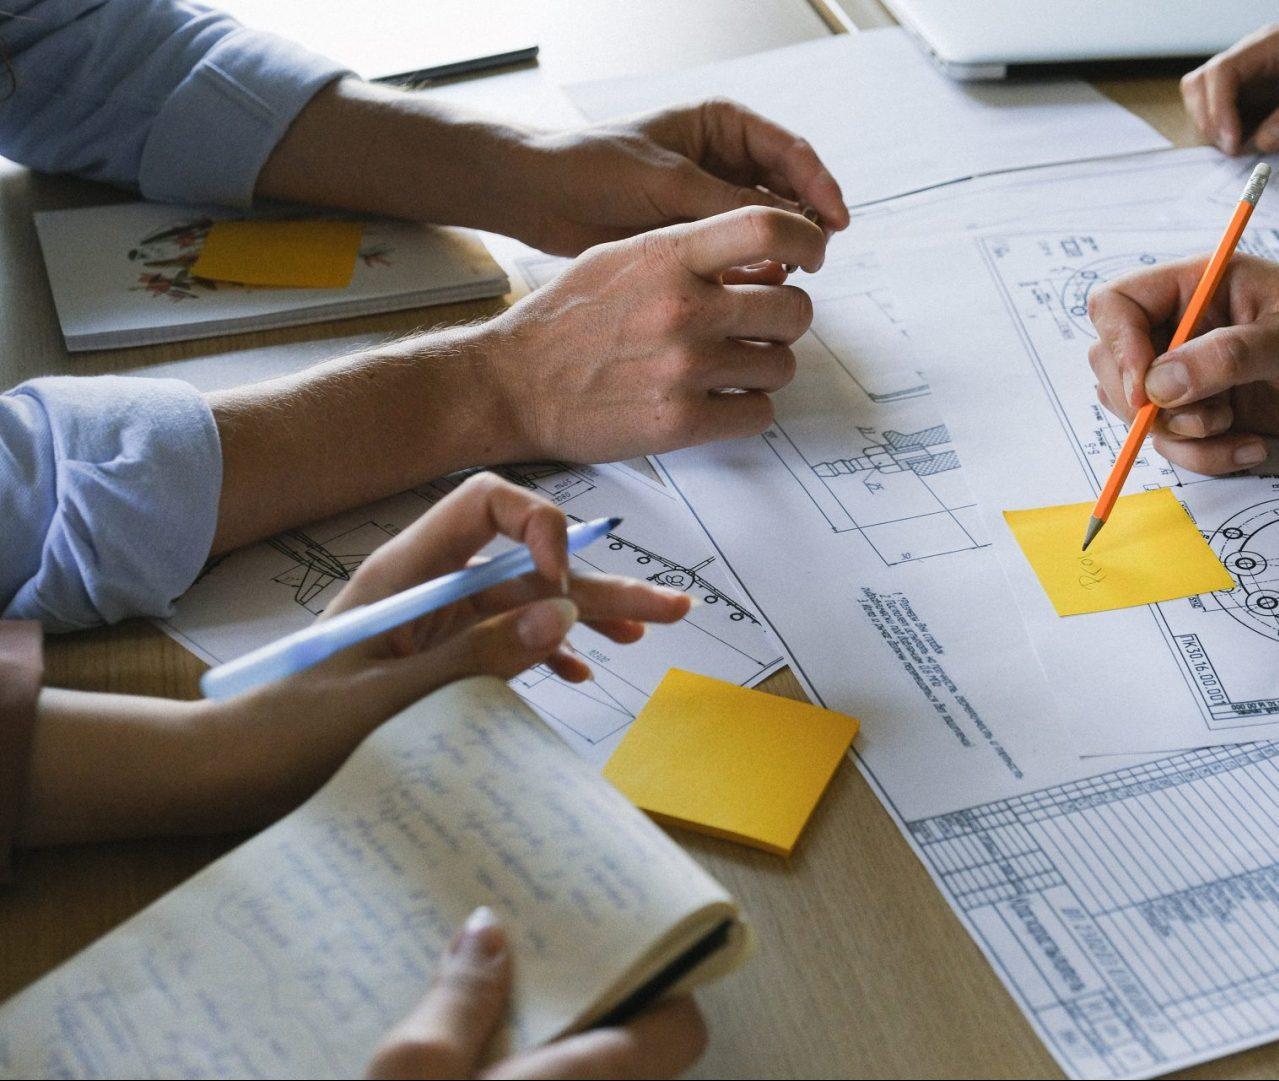 Capacitación docente: taller de gestión y formulación de proyectos